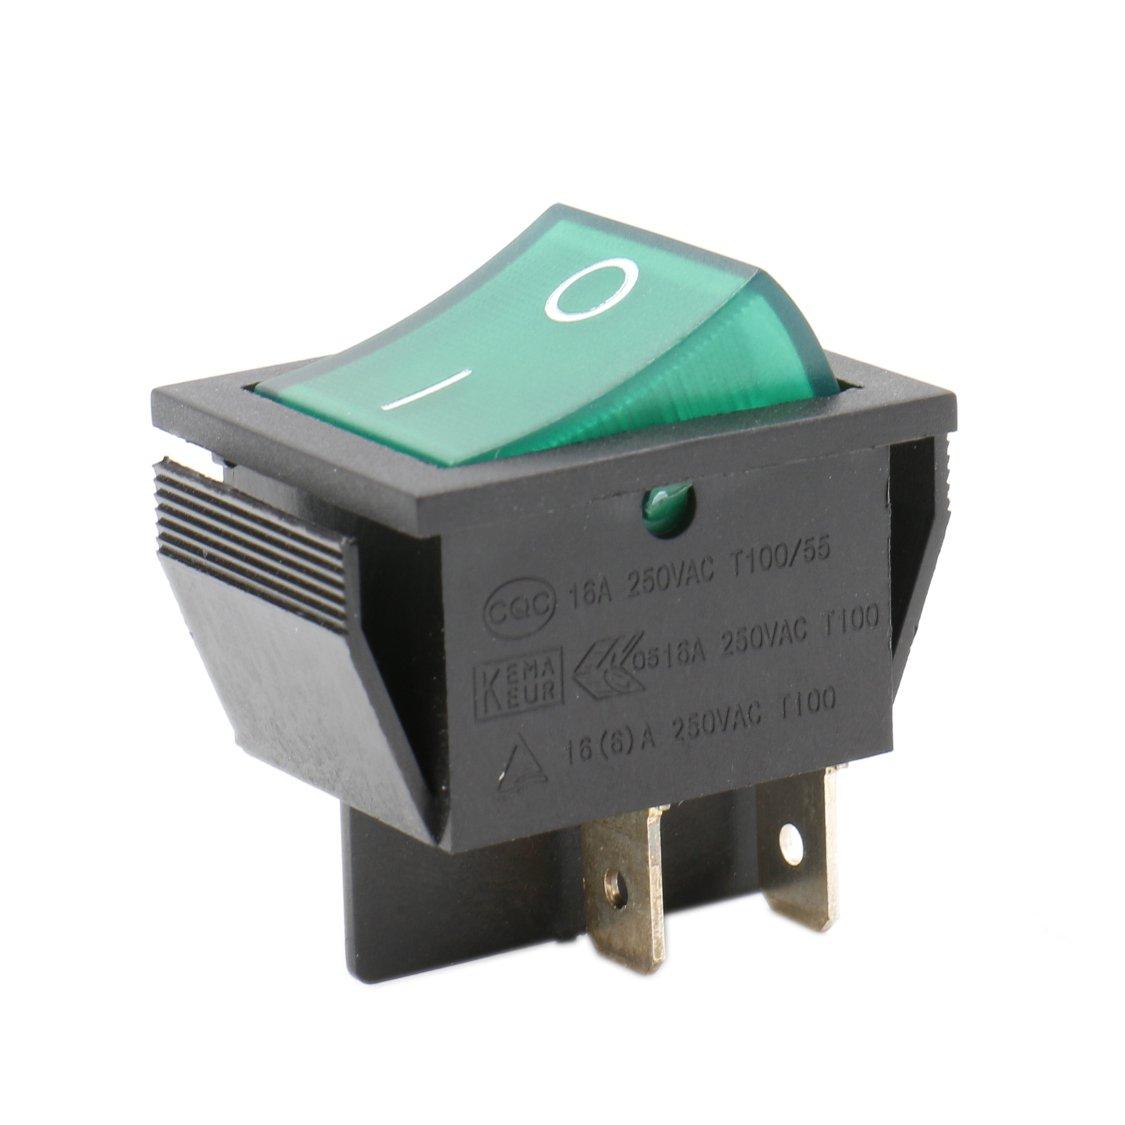 Heschen Interrupteur à bascule ON/OFF Dpst On-Off 4bornes Vert clair 16A 250VAC Lot de 2 Ningbo Master Soken Electrical Co.Ltd RK1-01-HS